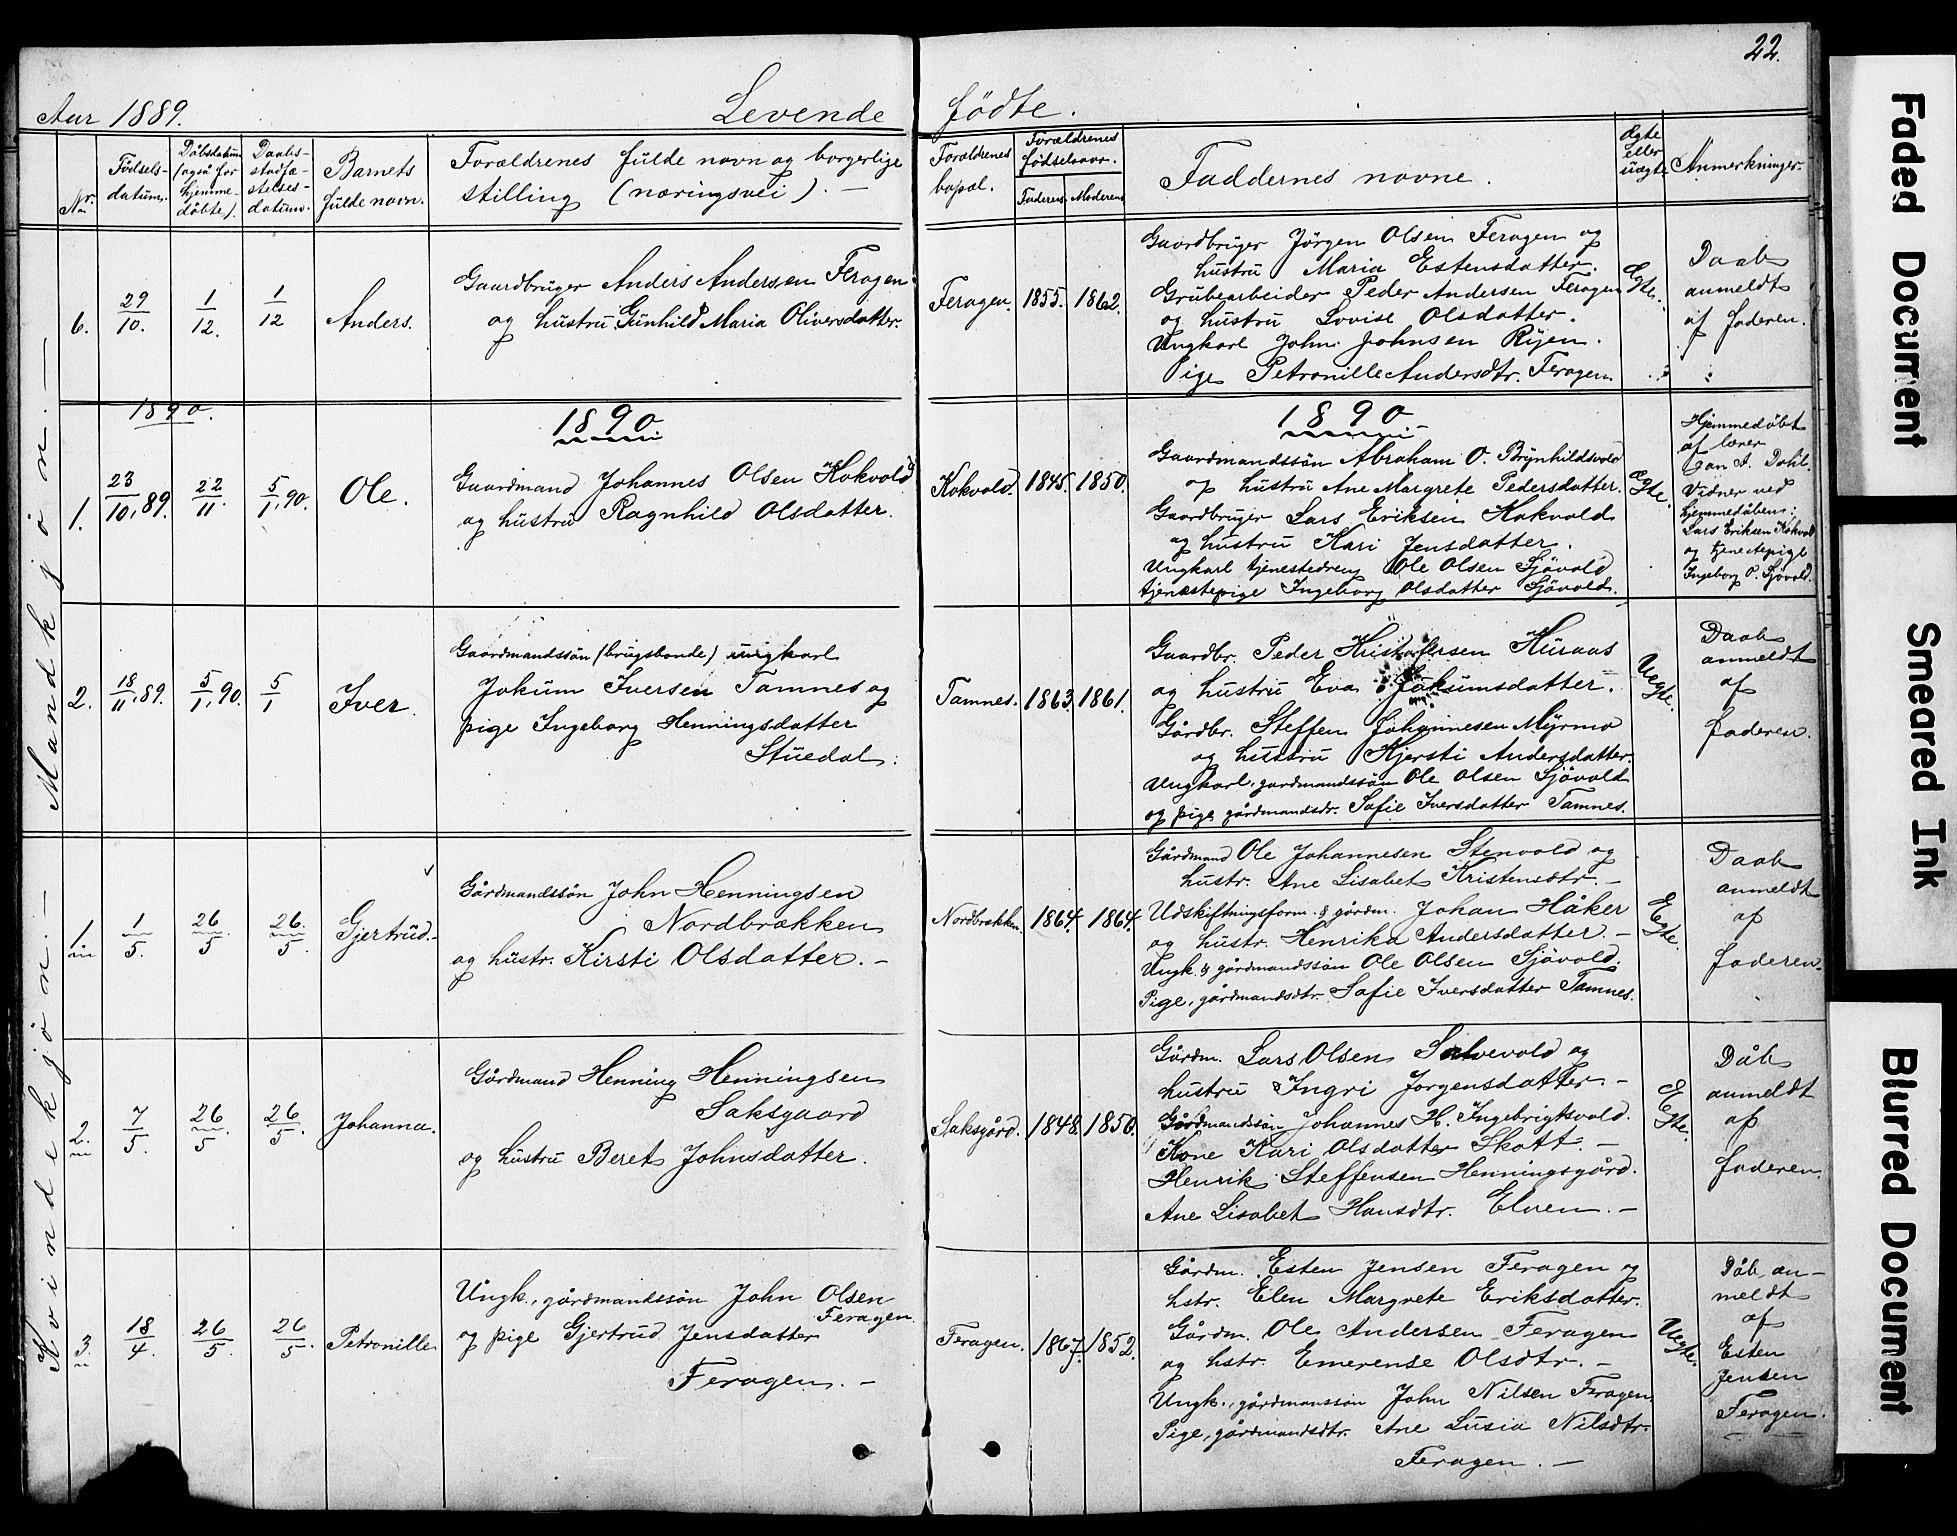 SAT, Ministerialprotokoller, klokkerbøker og fødselsregistre - Sør-Trøndelag, 683/L0949: Klokkerbok nr. 683C01, 1880-1896, s. 22